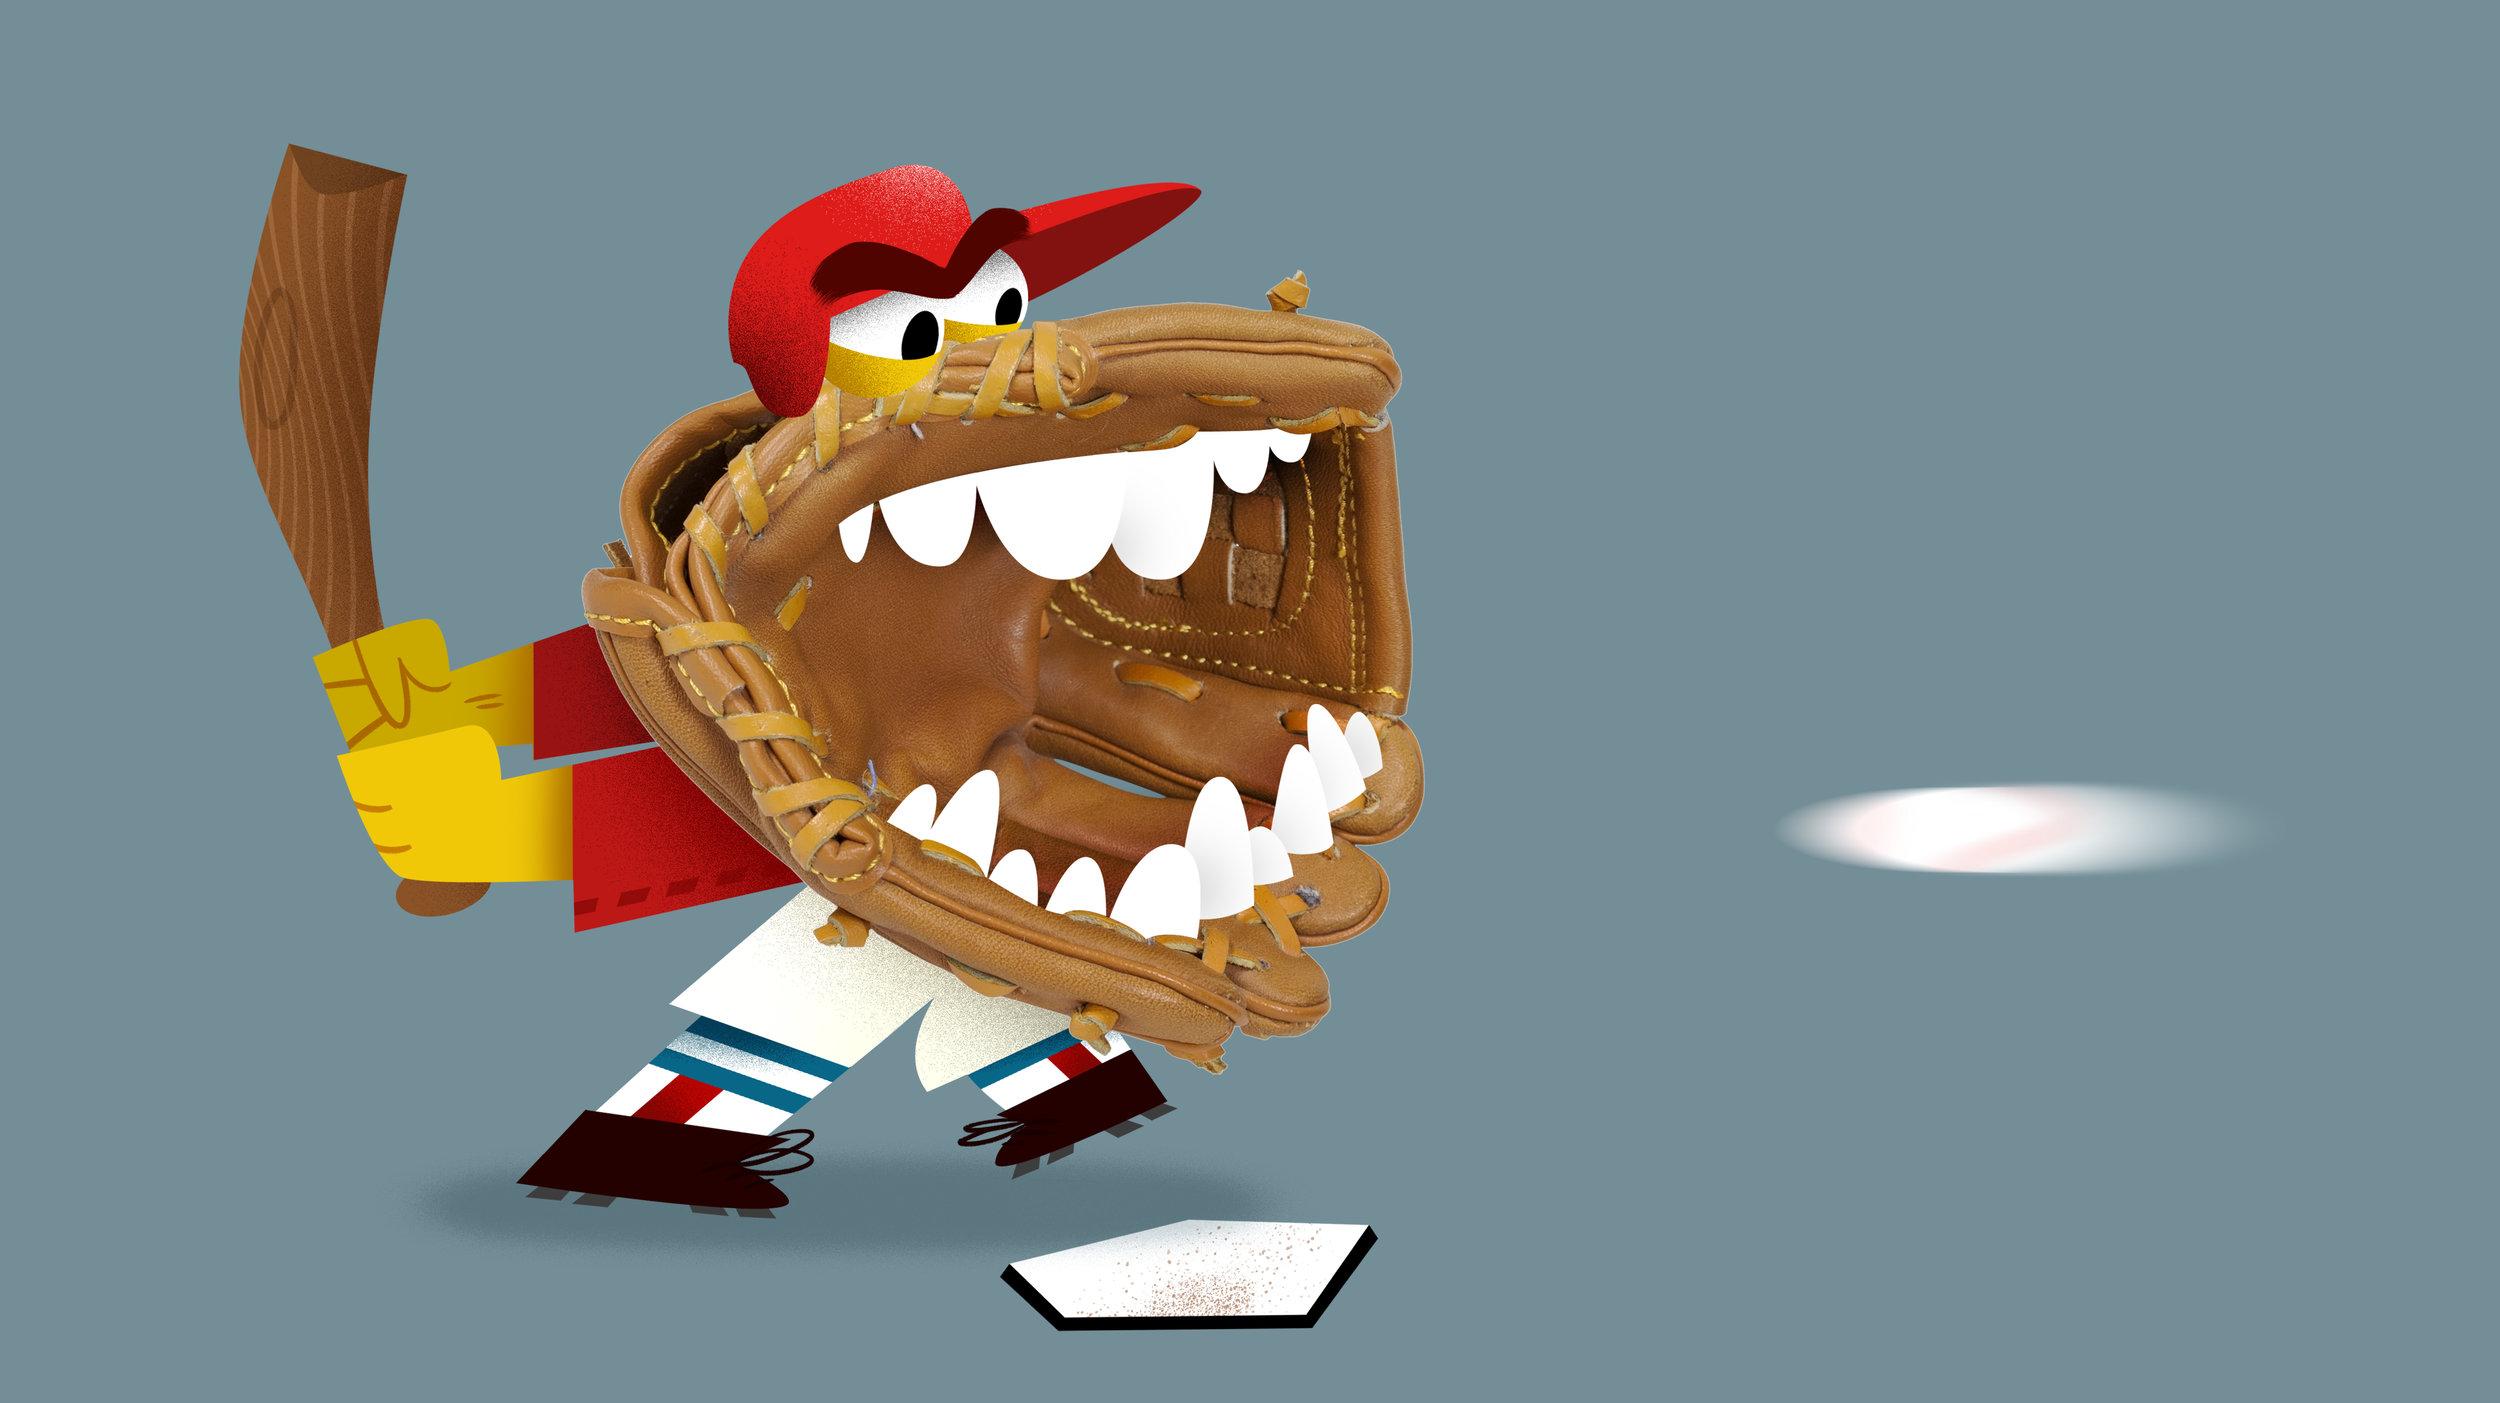 BaseballMonster_05.jpg